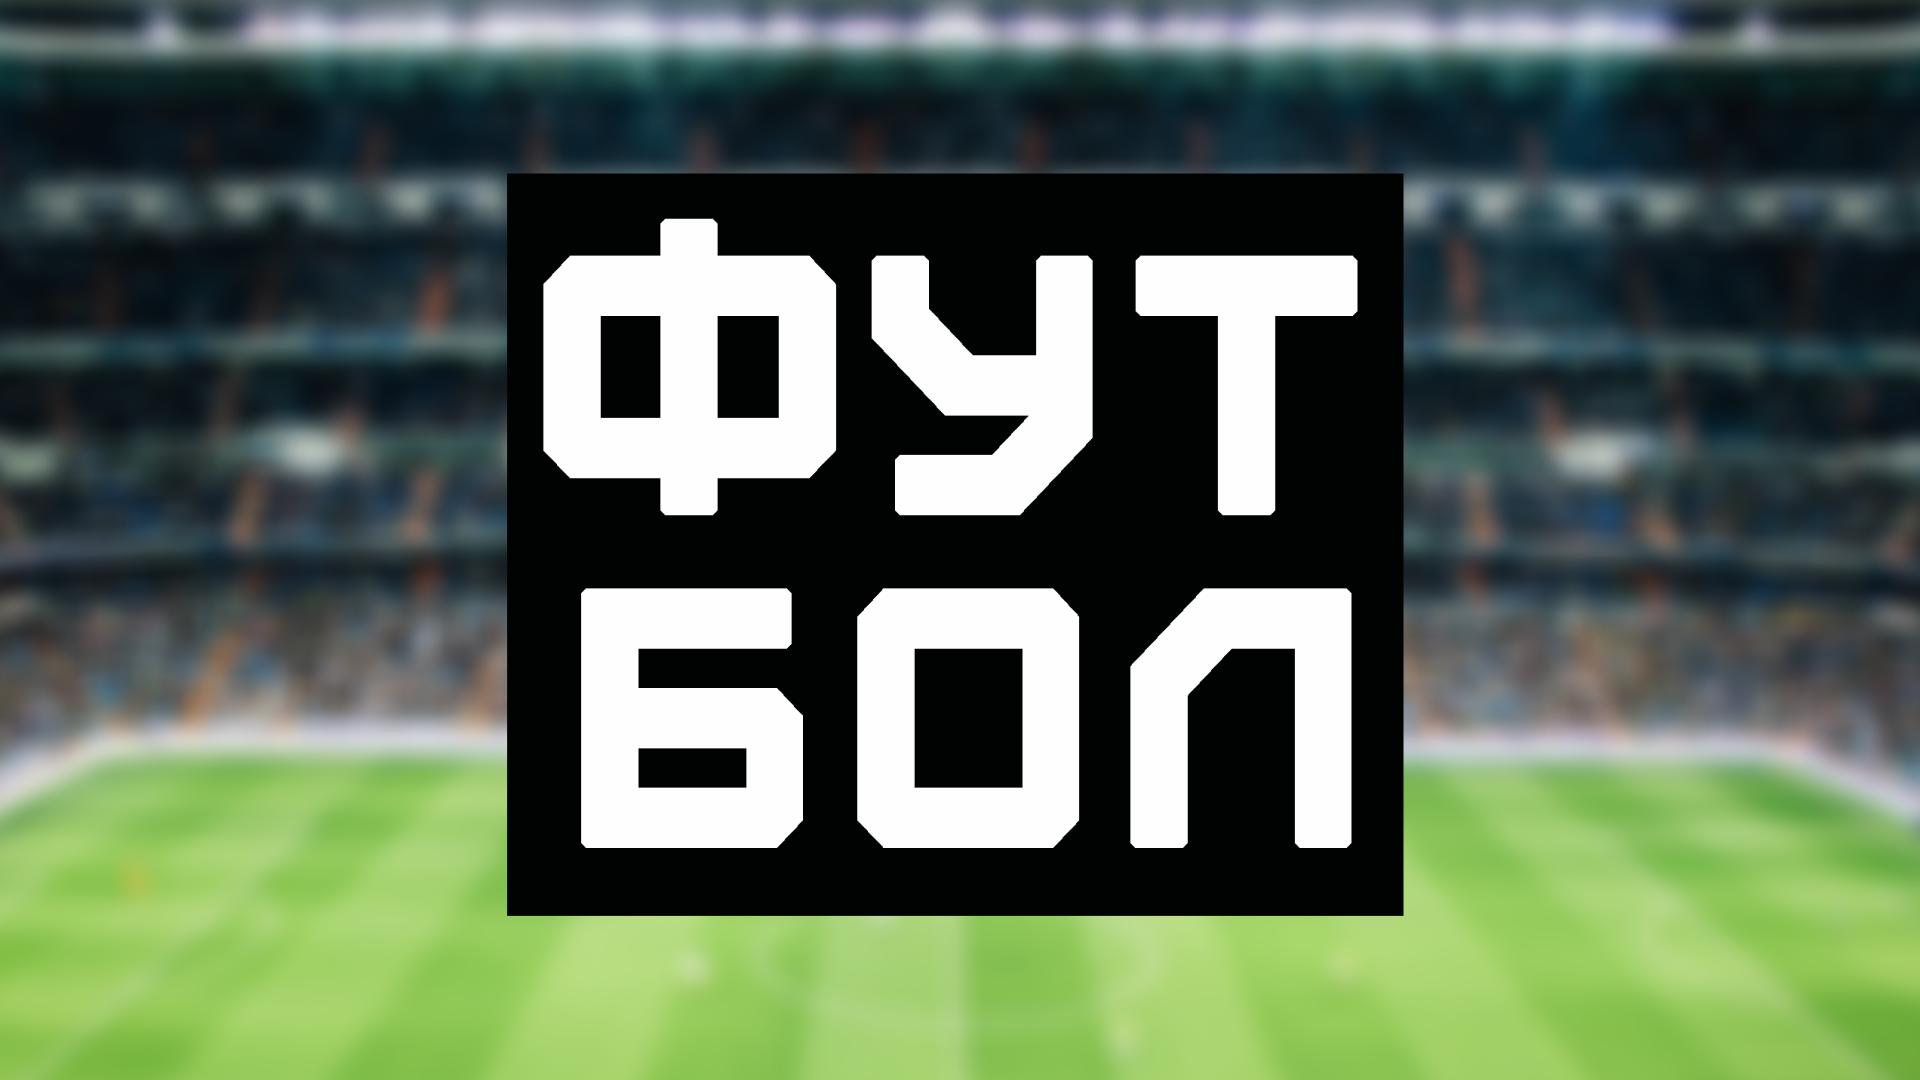 Футбол HD